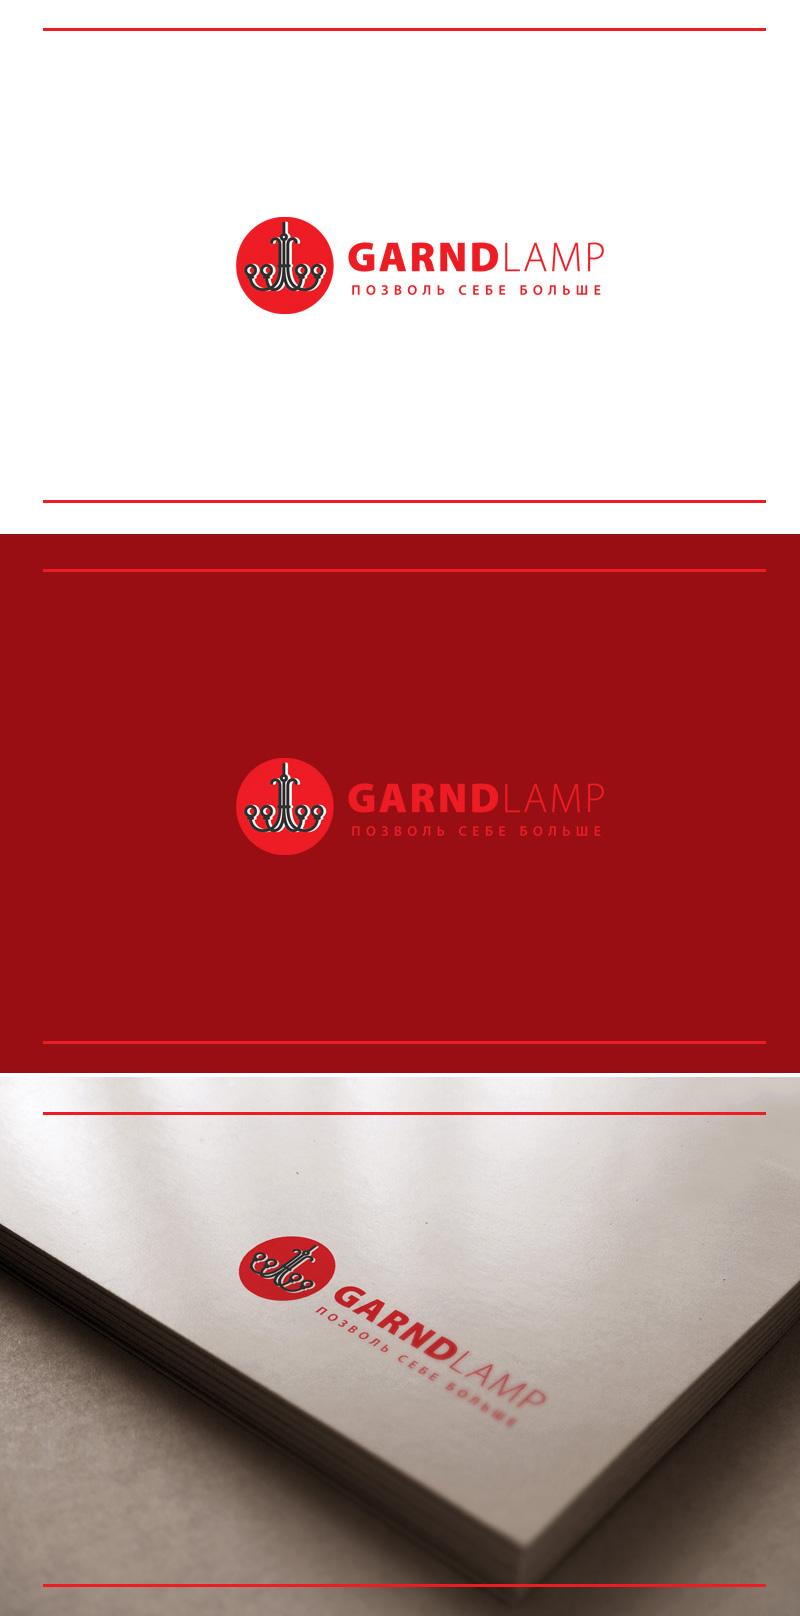 Разработка логотипа и элементов фирменного стиля фото f_64157f3d3b327d4a.jpg